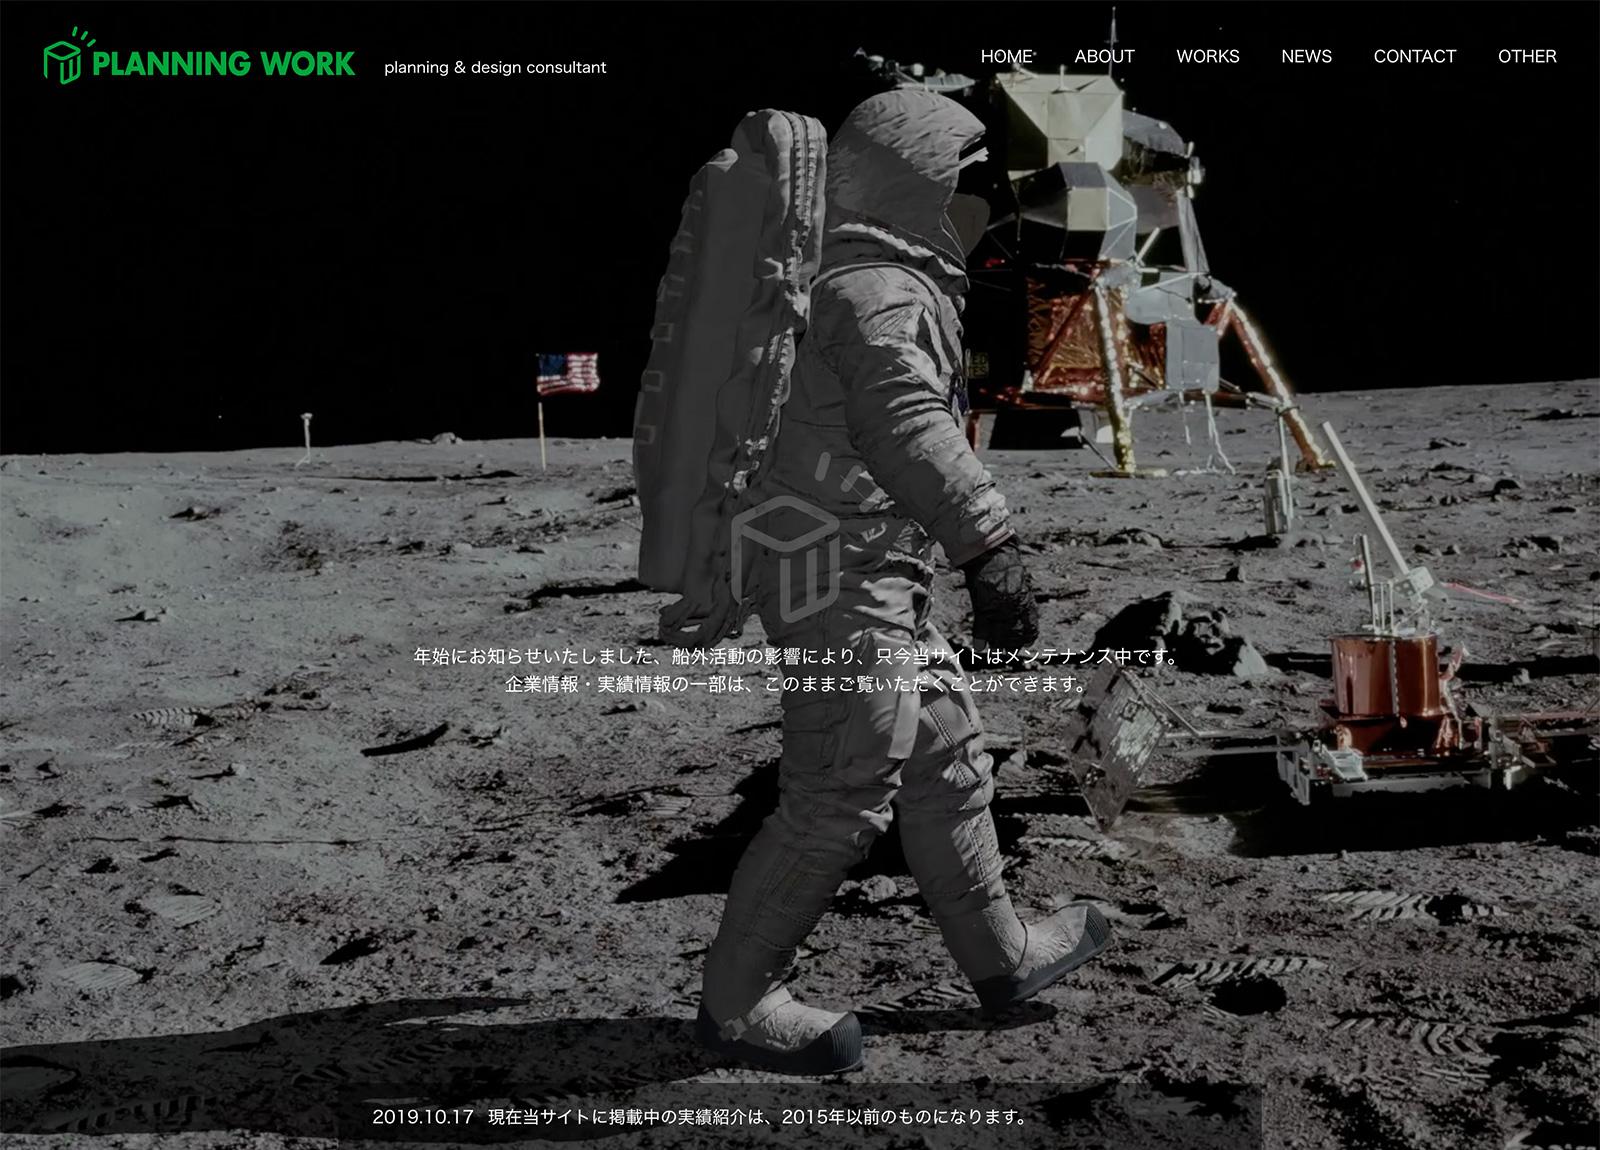 プランニングワーク株式会社ホームページ03